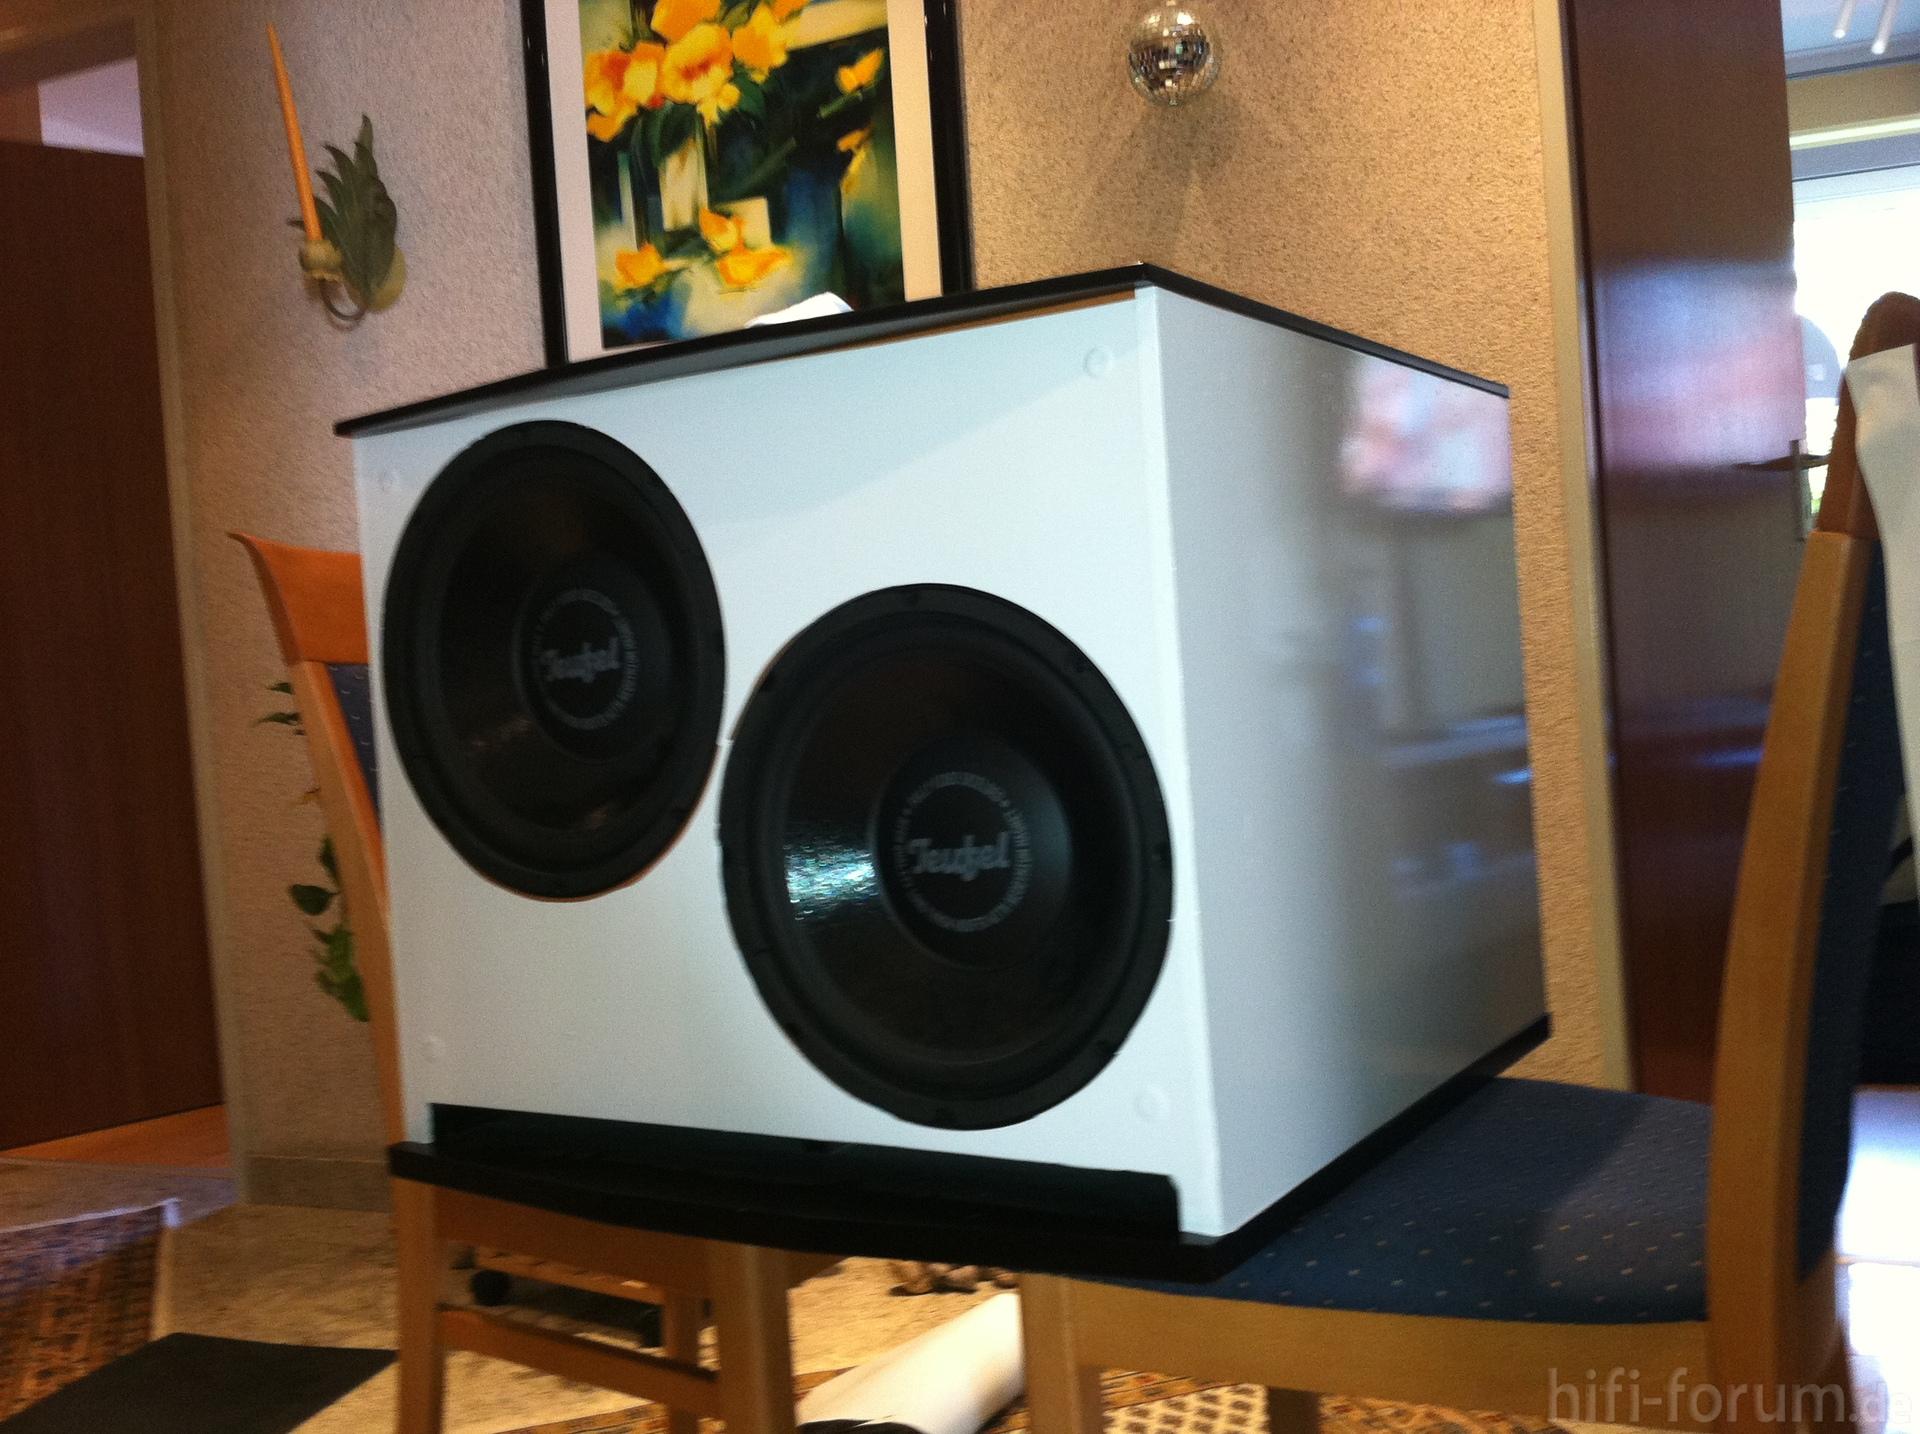 teufel m11000 sw frisch in weiss umgeklebt frisch m11000 sw teufel weiss hifi. Black Bedroom Furniture Sets. Home Design Ideas